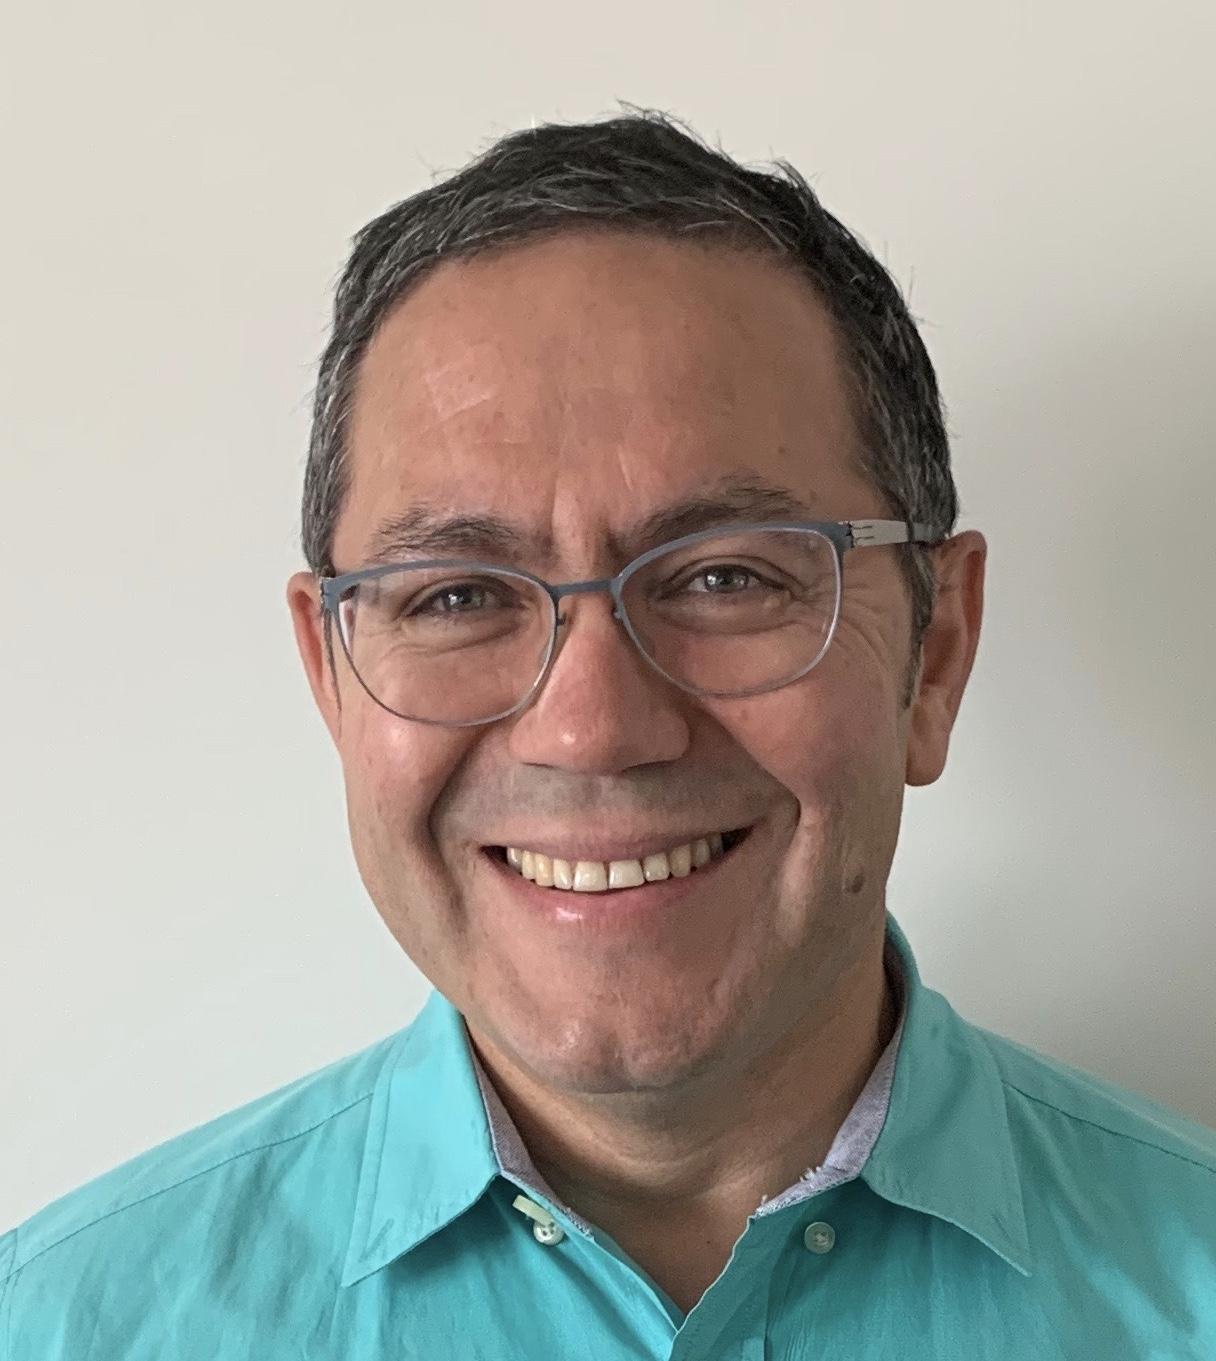 Alvaro Kaempfer